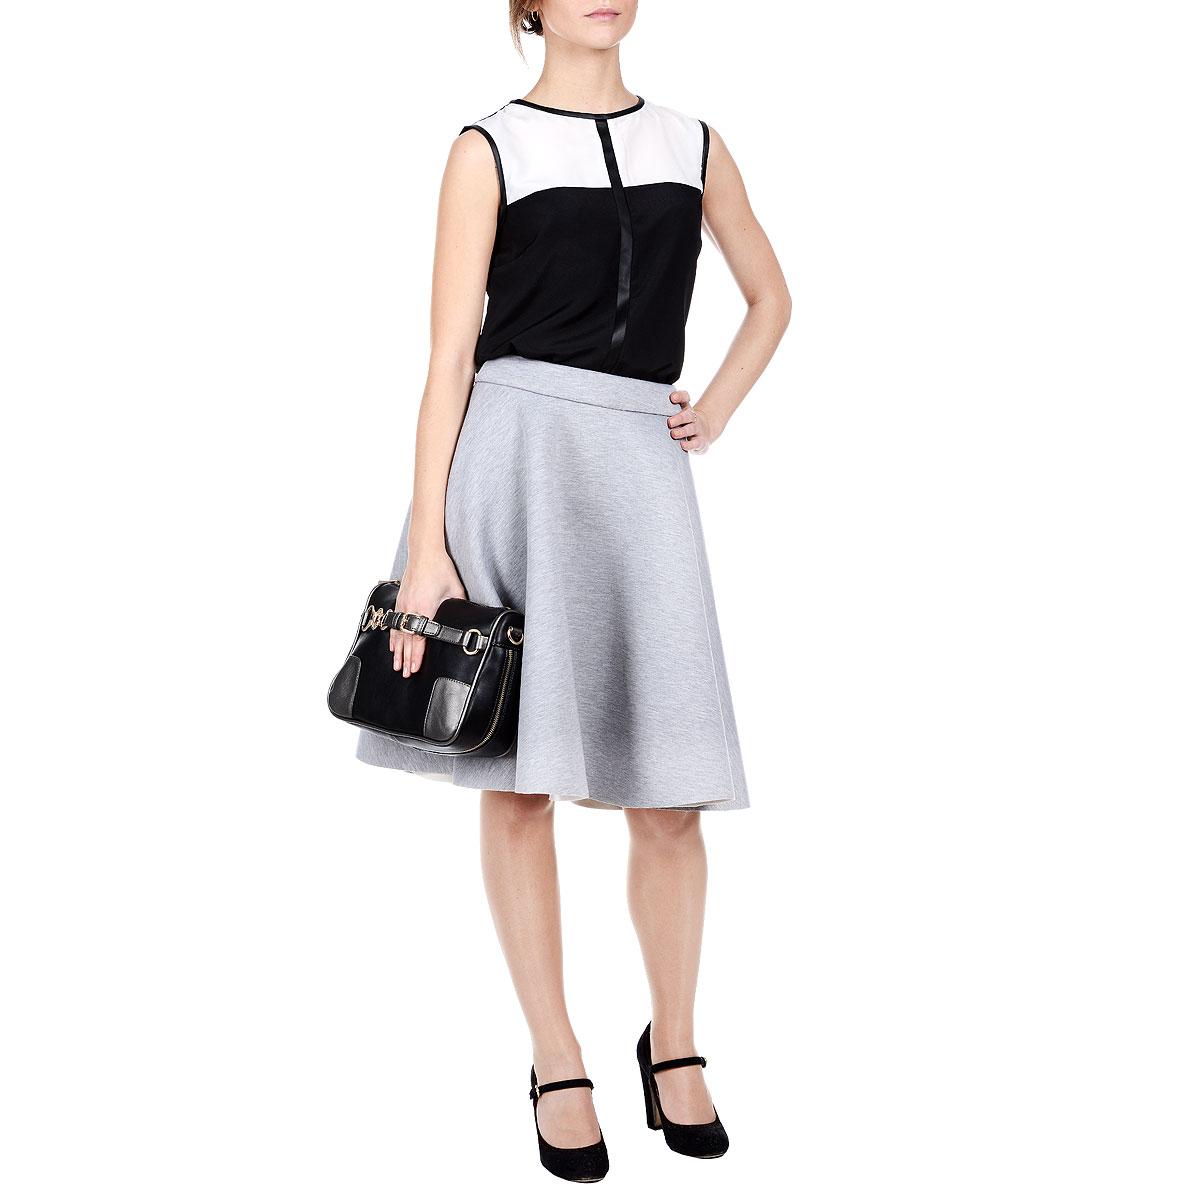 Юбка. SSD0765SZSSD0765SZУтепленная юбка Top Secret изготовлена из полиэстера с добавлением вискозы и эластана. Юбка расклешенного кроя. Пояс сзади застегивается на металлическую застежку-молнию. Эта модная и в тоже время комфортная юбка - отличный вариант для прохладной погоды.